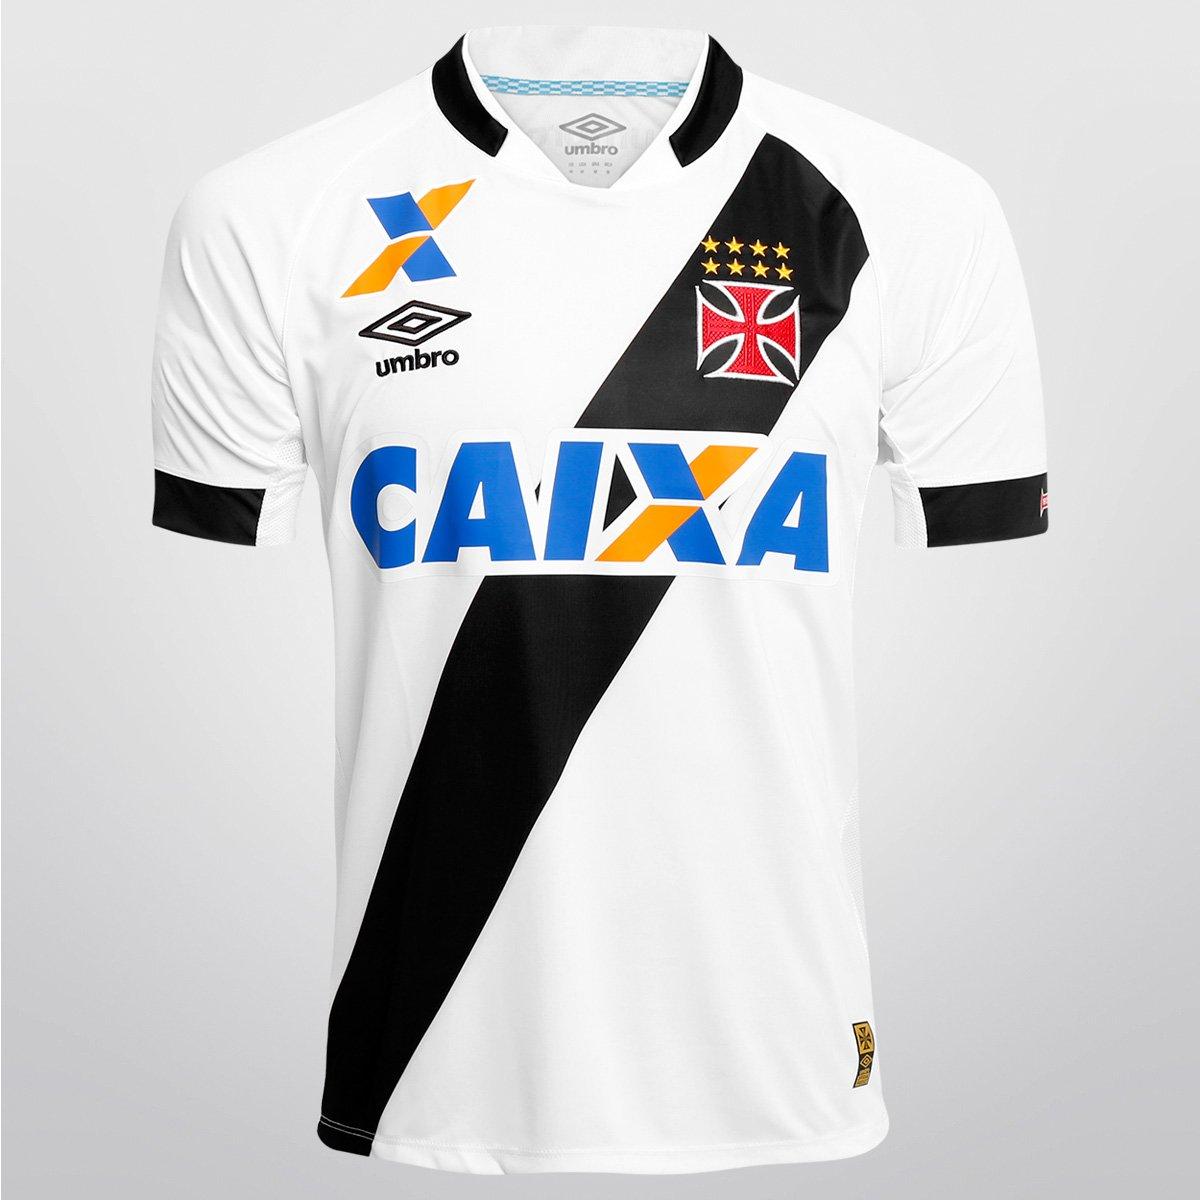 5534455b5e Camisa Umbro Vasco II 15 16 s nº - Compre Agora